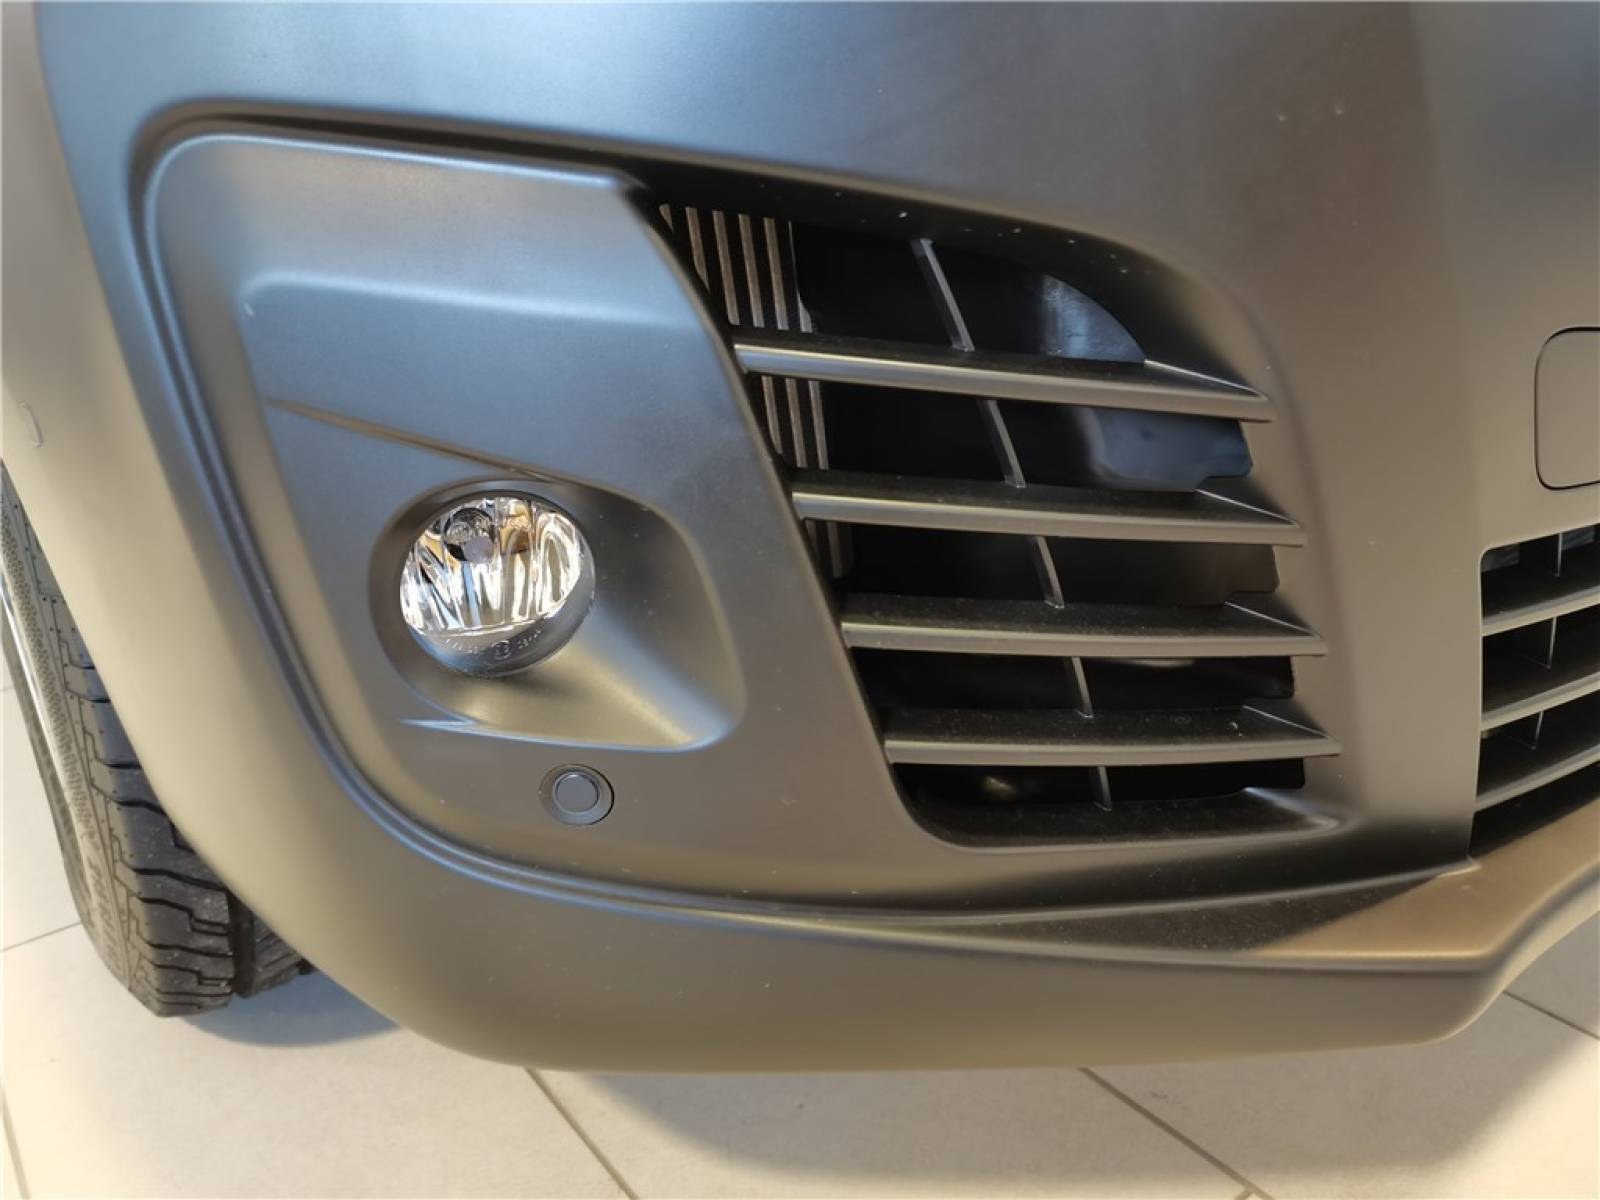 OPEL VIVARO CA FIXE L2 2.0 DIESEL 120 CH PTAC AUGMENTE - véhicule d'occasion - Groupe Guillet - Opel Magicauto - Chalon-sur-Saône - 71380 - Saint-Marcel - 23